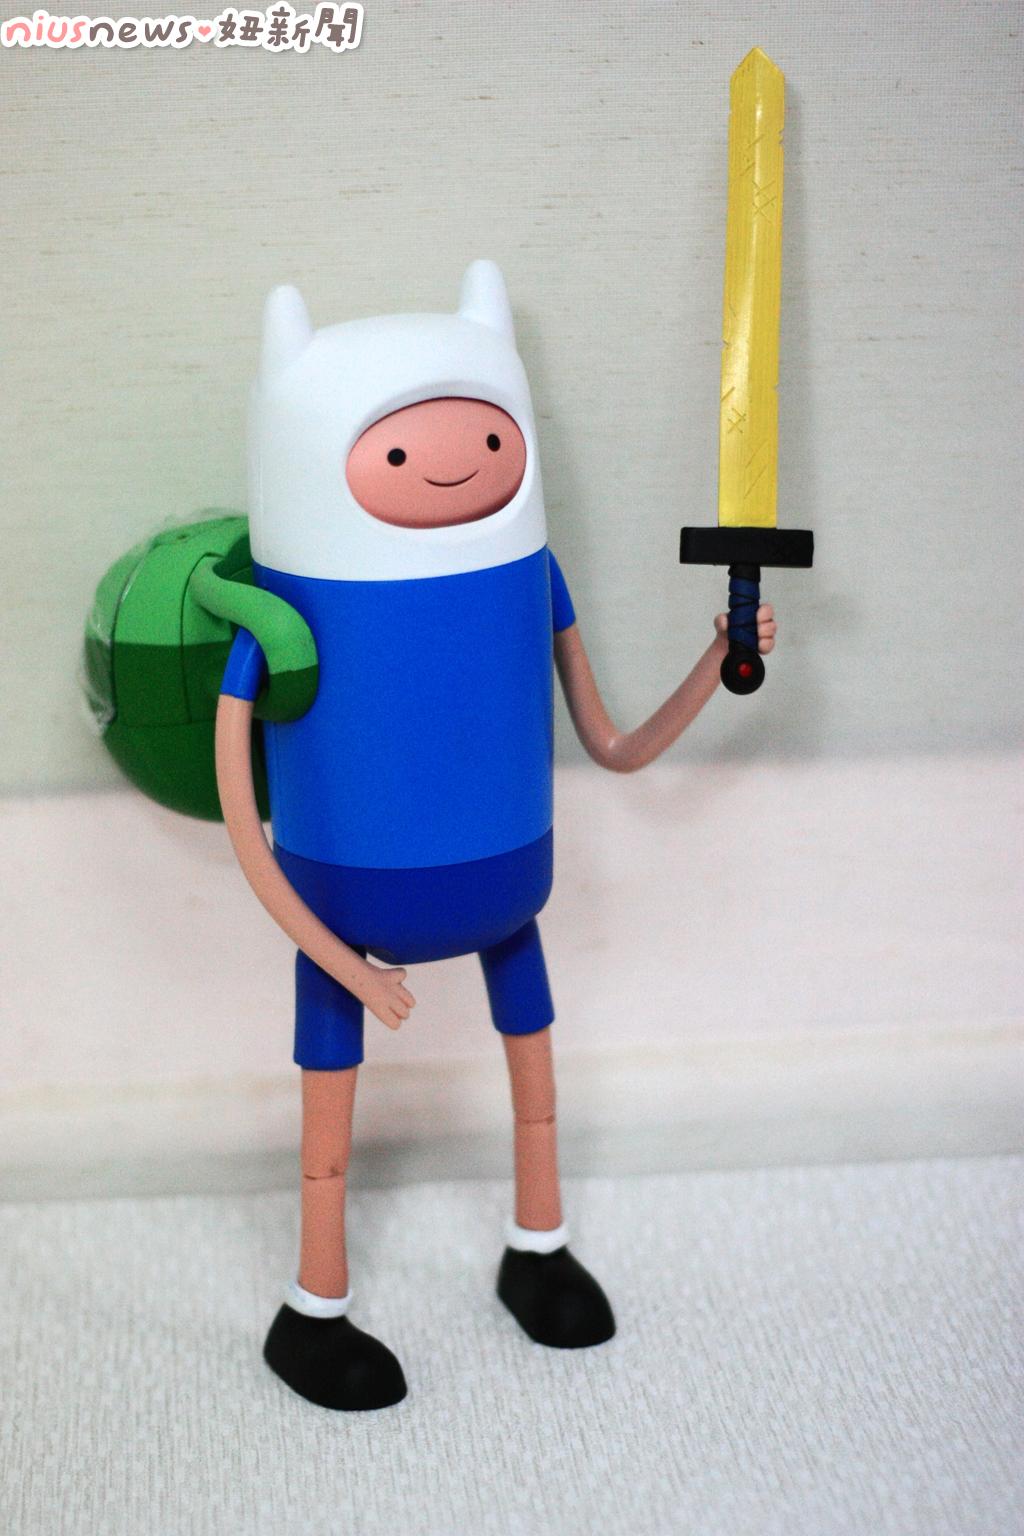 《探險活寶》可動模型&絨毛玩偶 開箱文 | 模型,關節可動,絨毛,玩偶,玩具 | 生活發現 | 妞新聞 niusnews